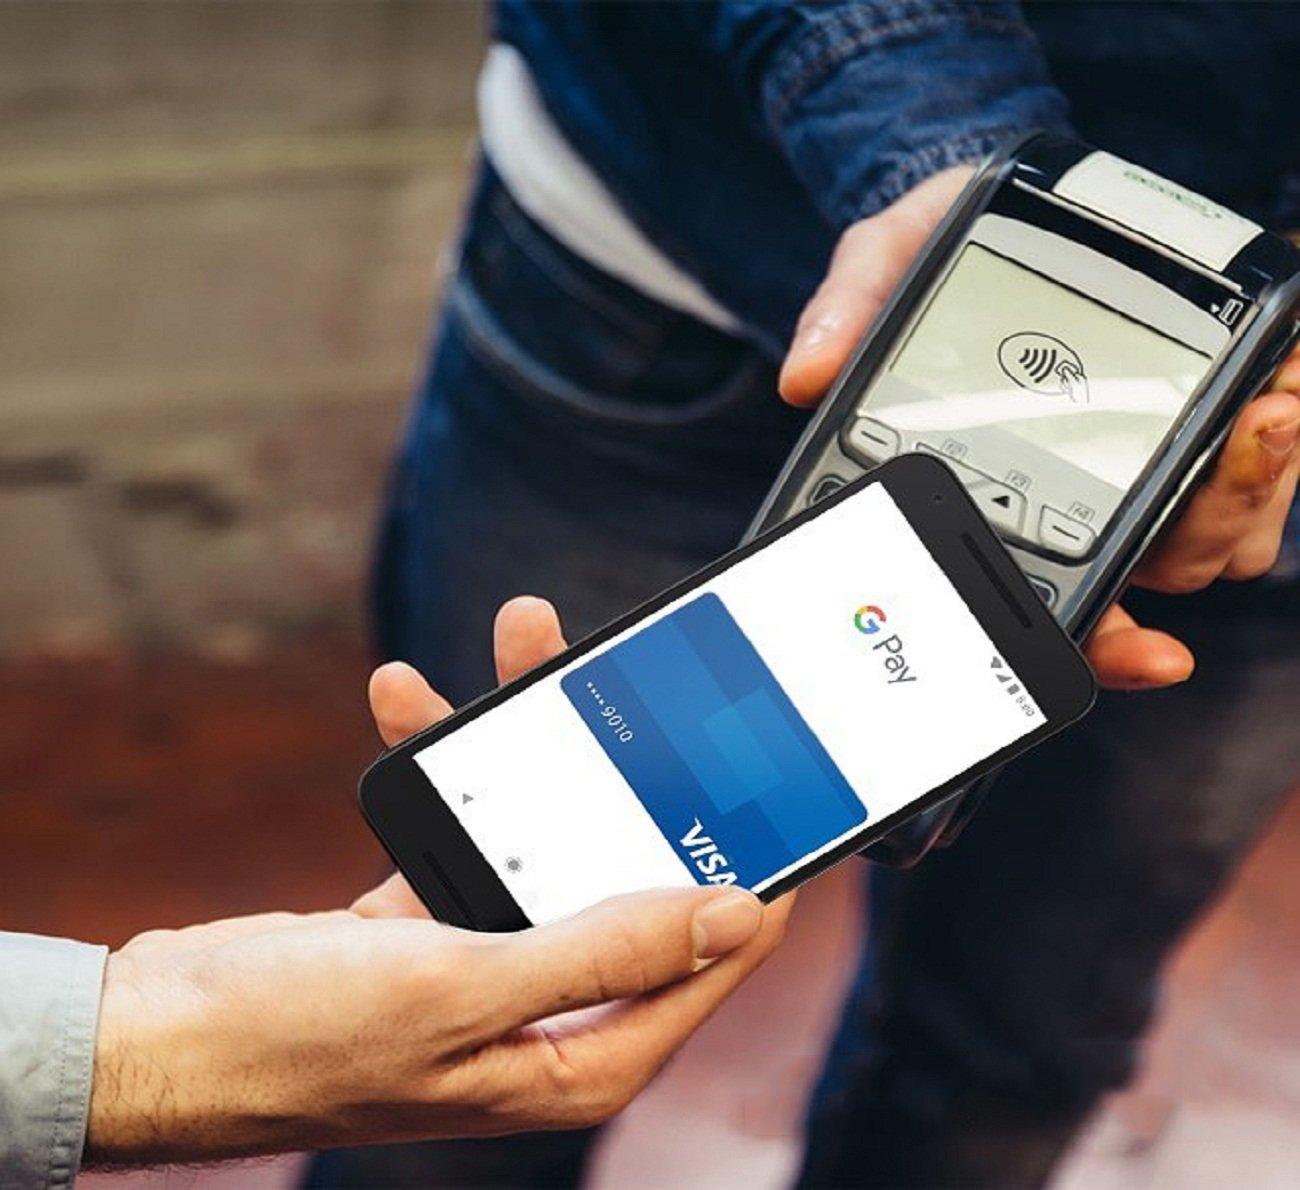 Сбербанк запустил функцию онлайн-оплаты через Google Pay